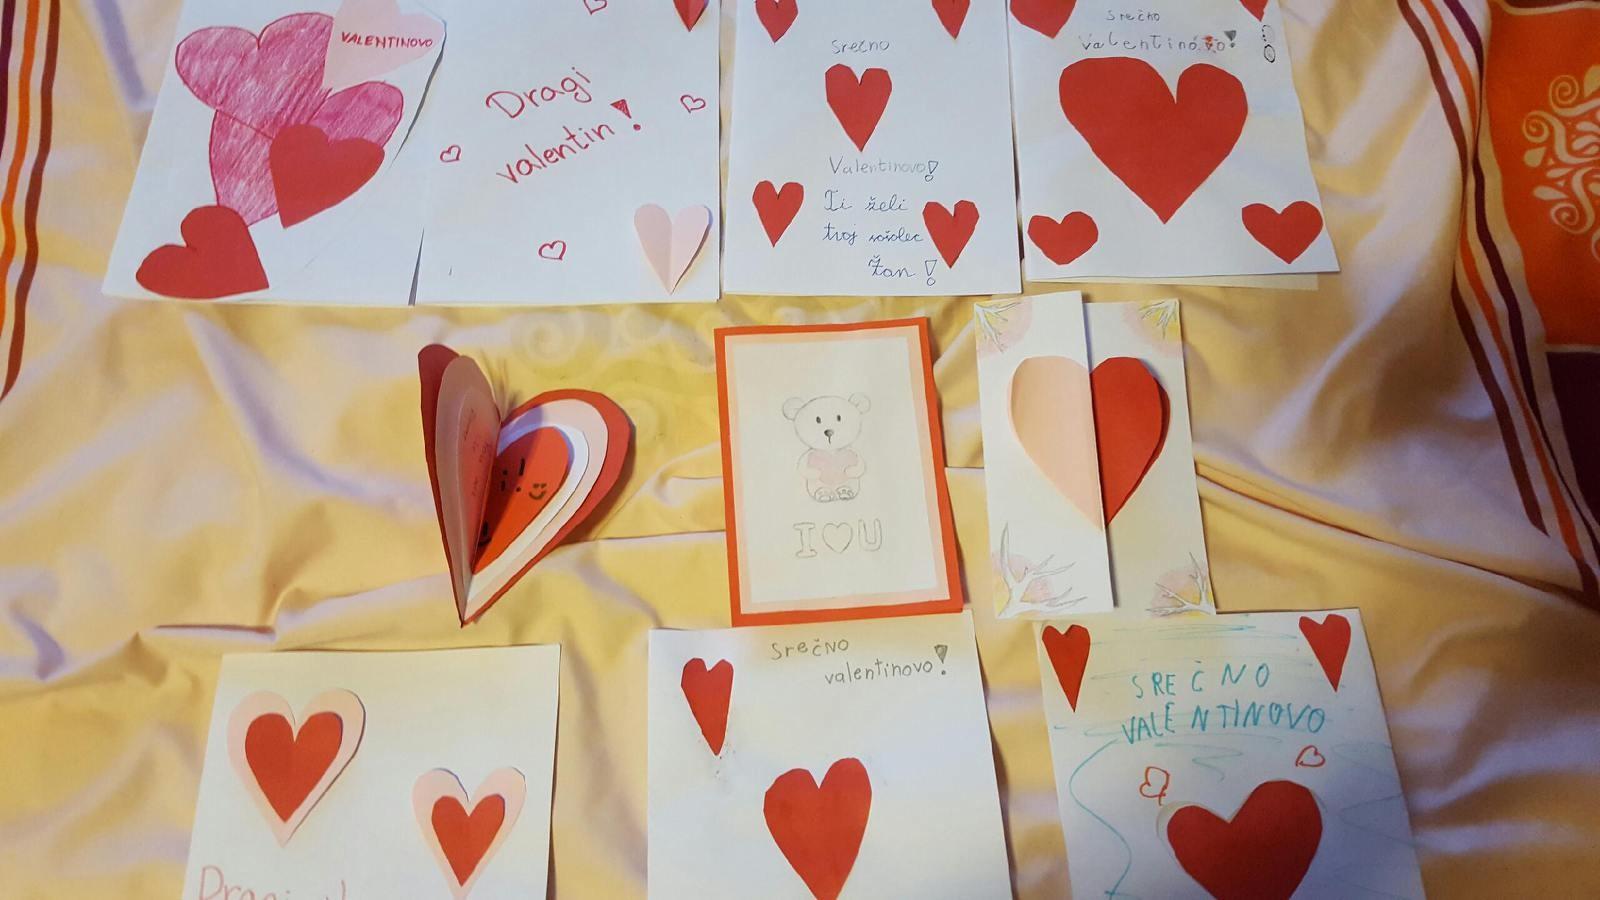 valentinovo_zimska_svn